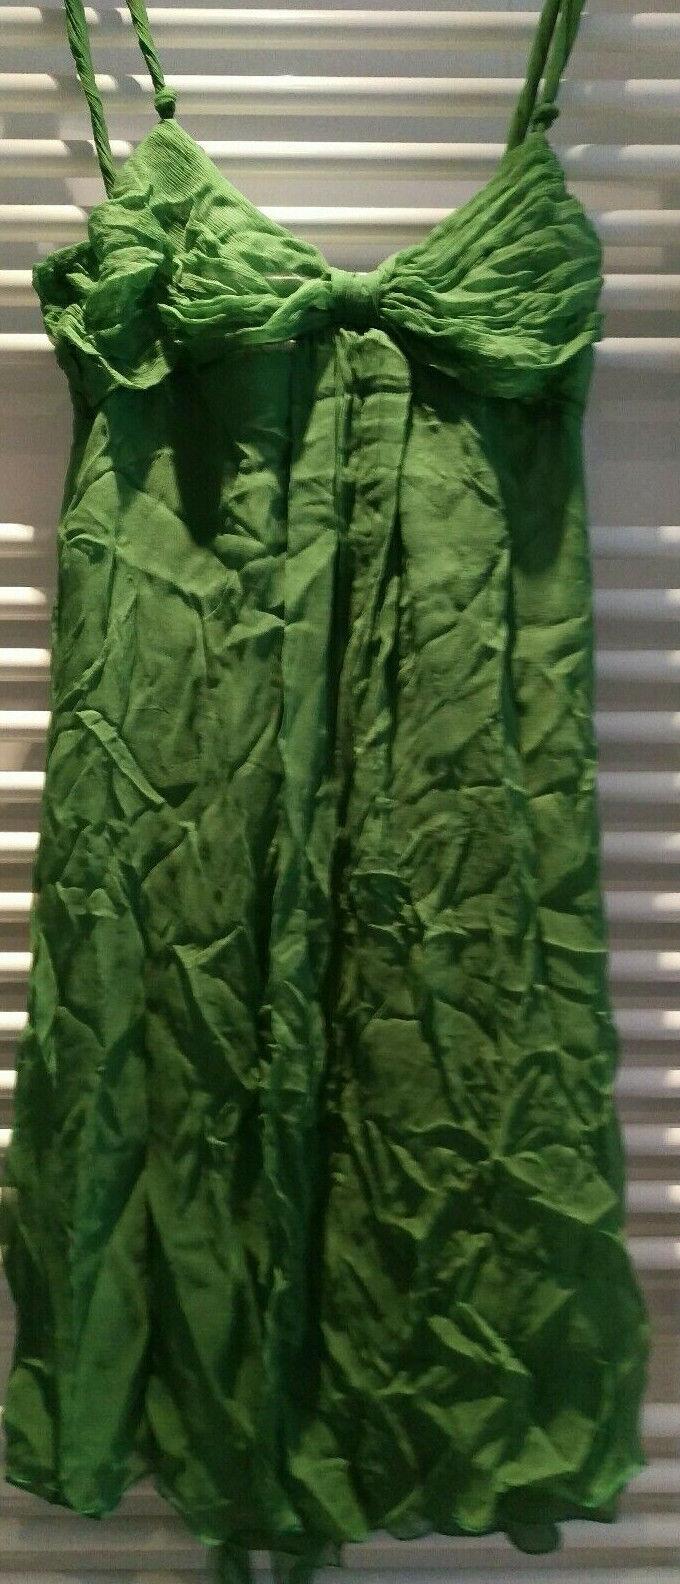 Kleid Seide Größe L  Neu Crepseide Grün mit Etiketten knielang Zara 38 bis 40